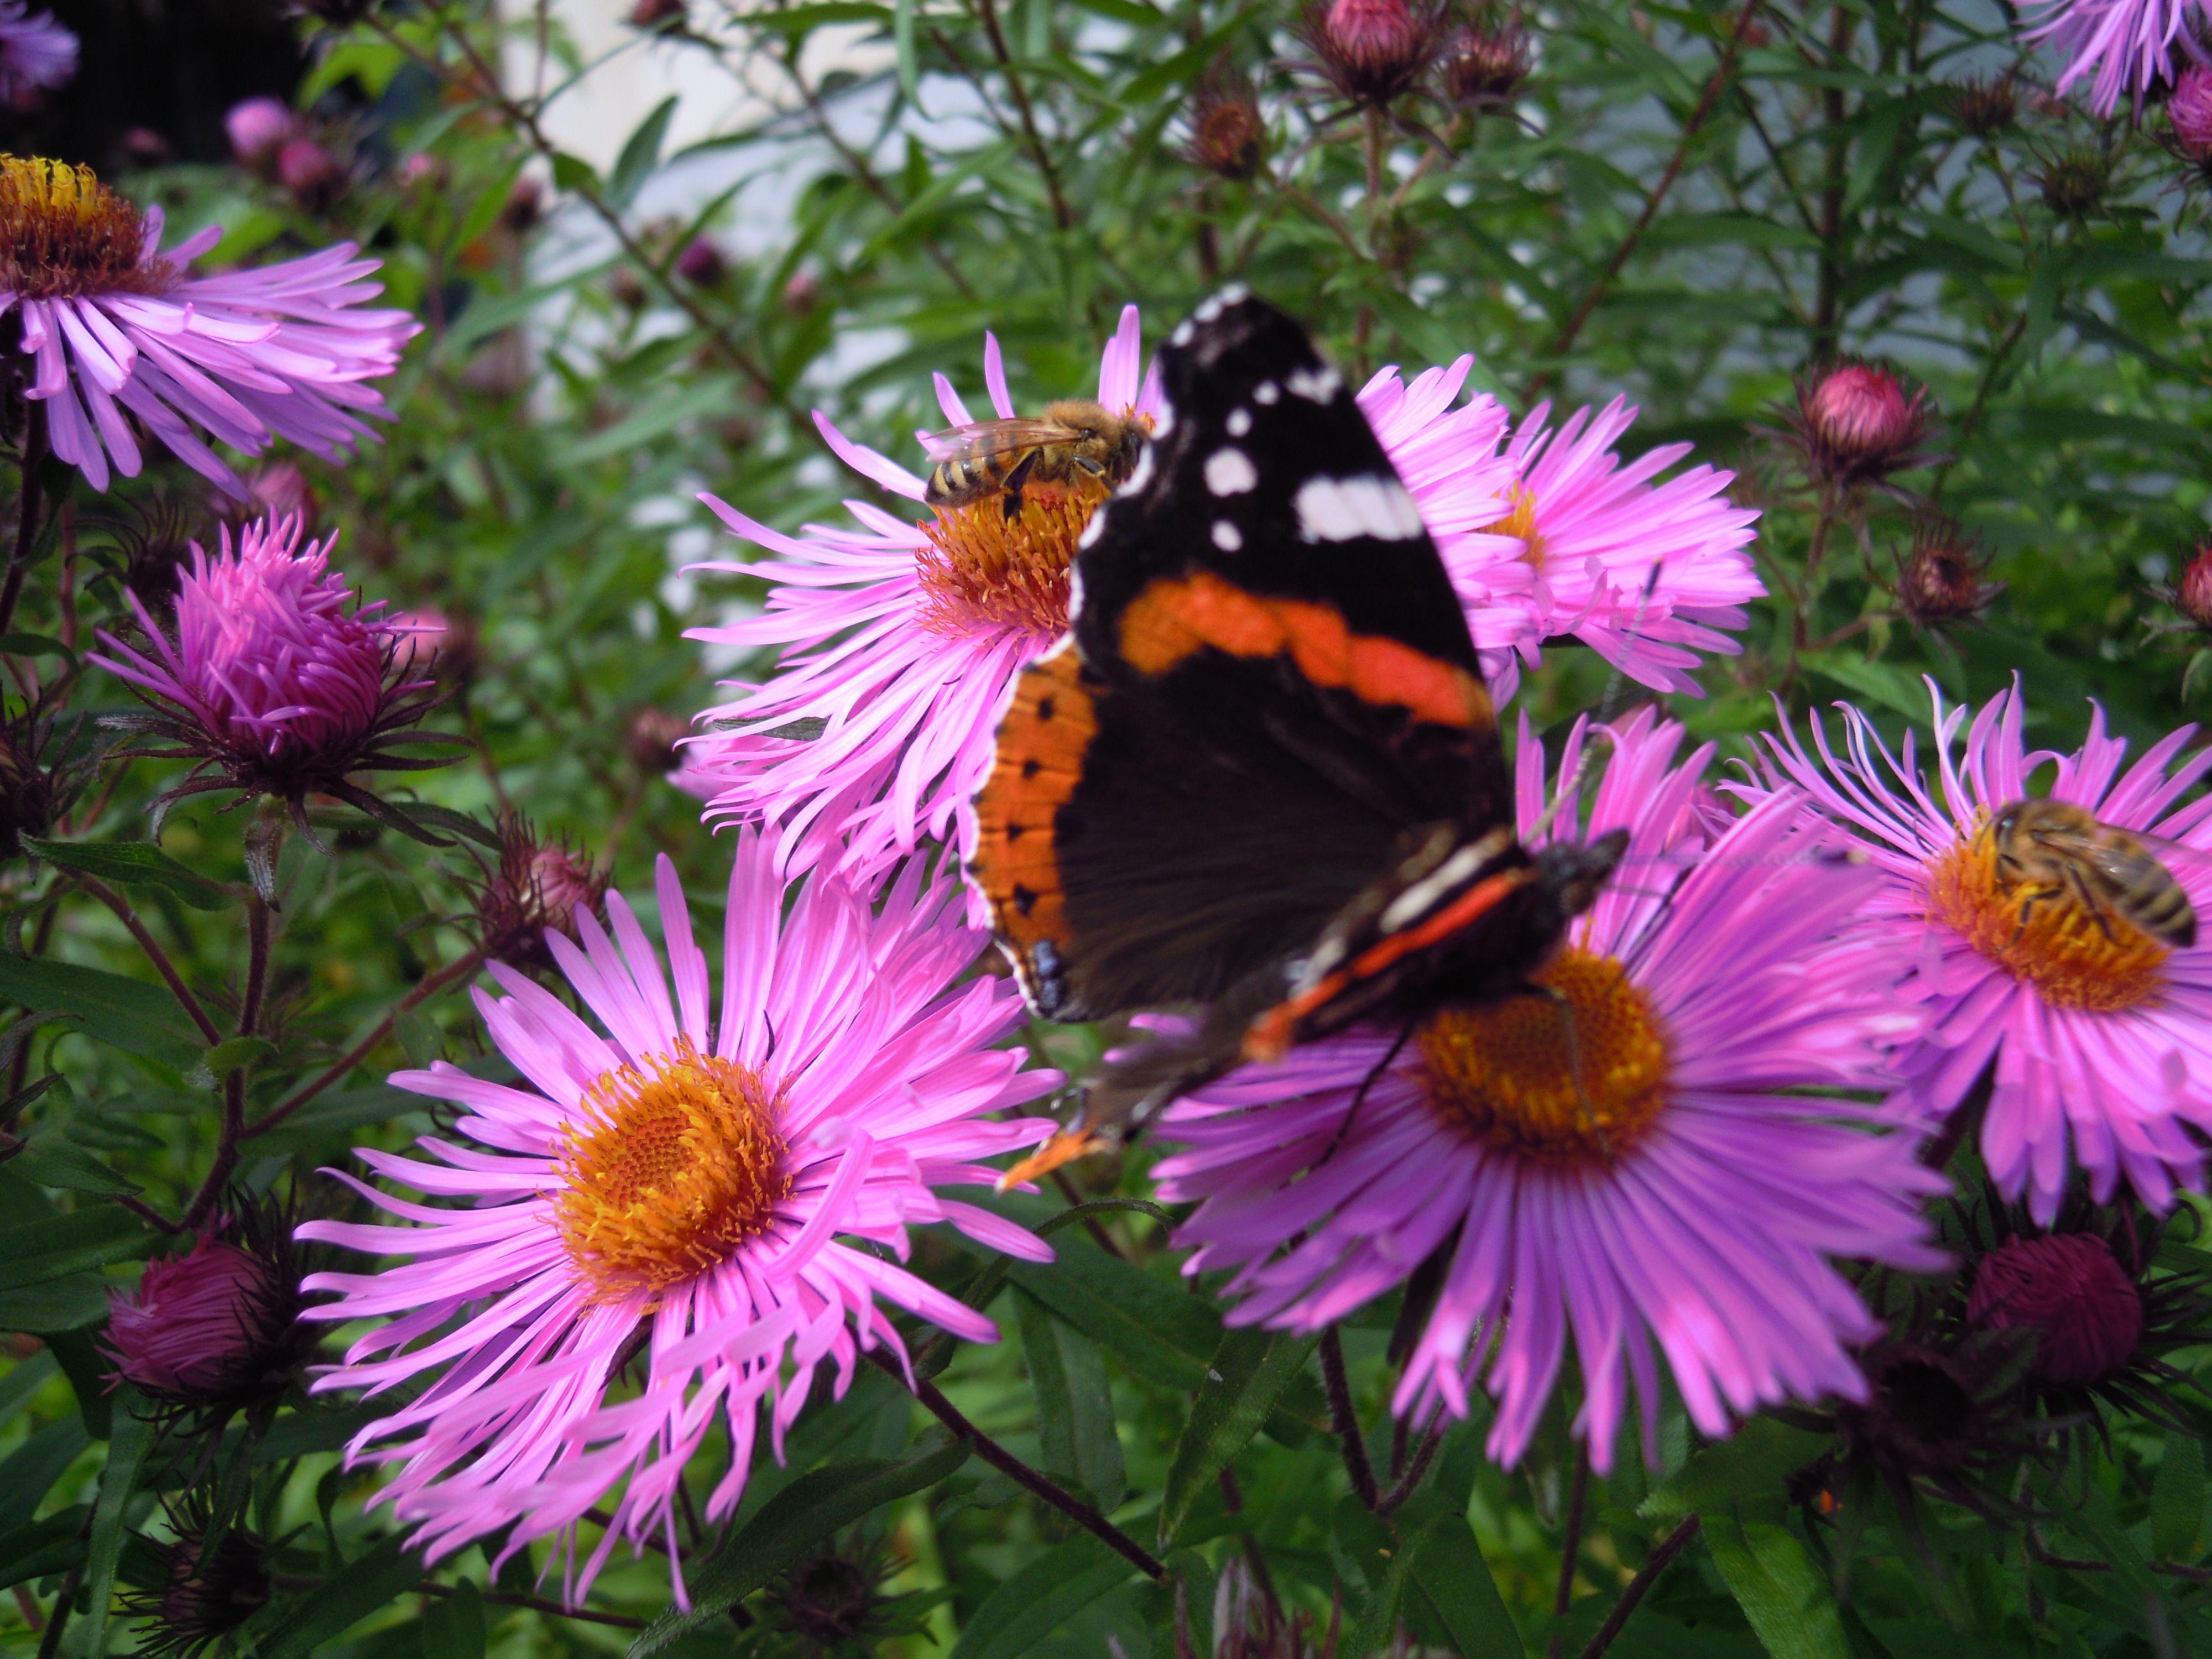 Settembrini fiori pinterest - Settembrini fiori ...